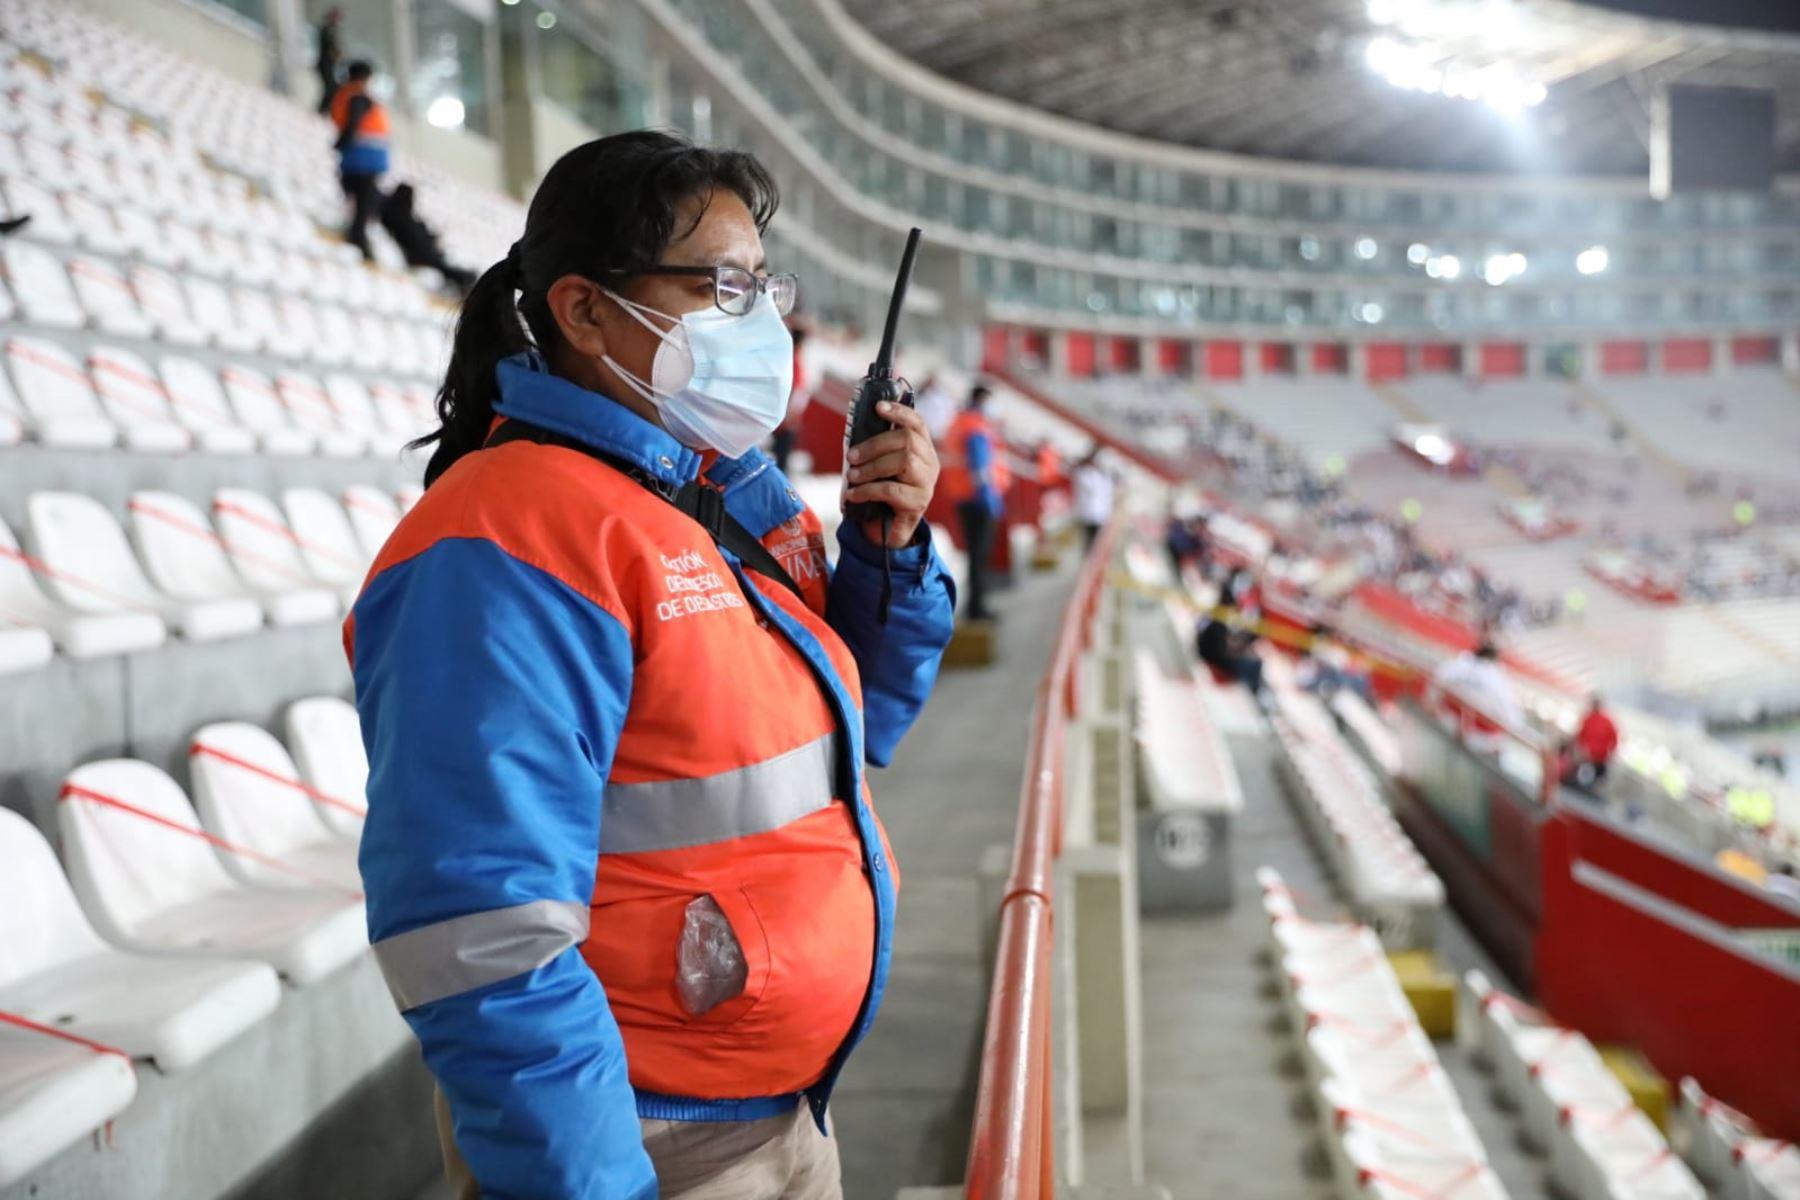 Partido Perú-Chile: municipio de Lima apoyará seguridad en el Estadio Nacional